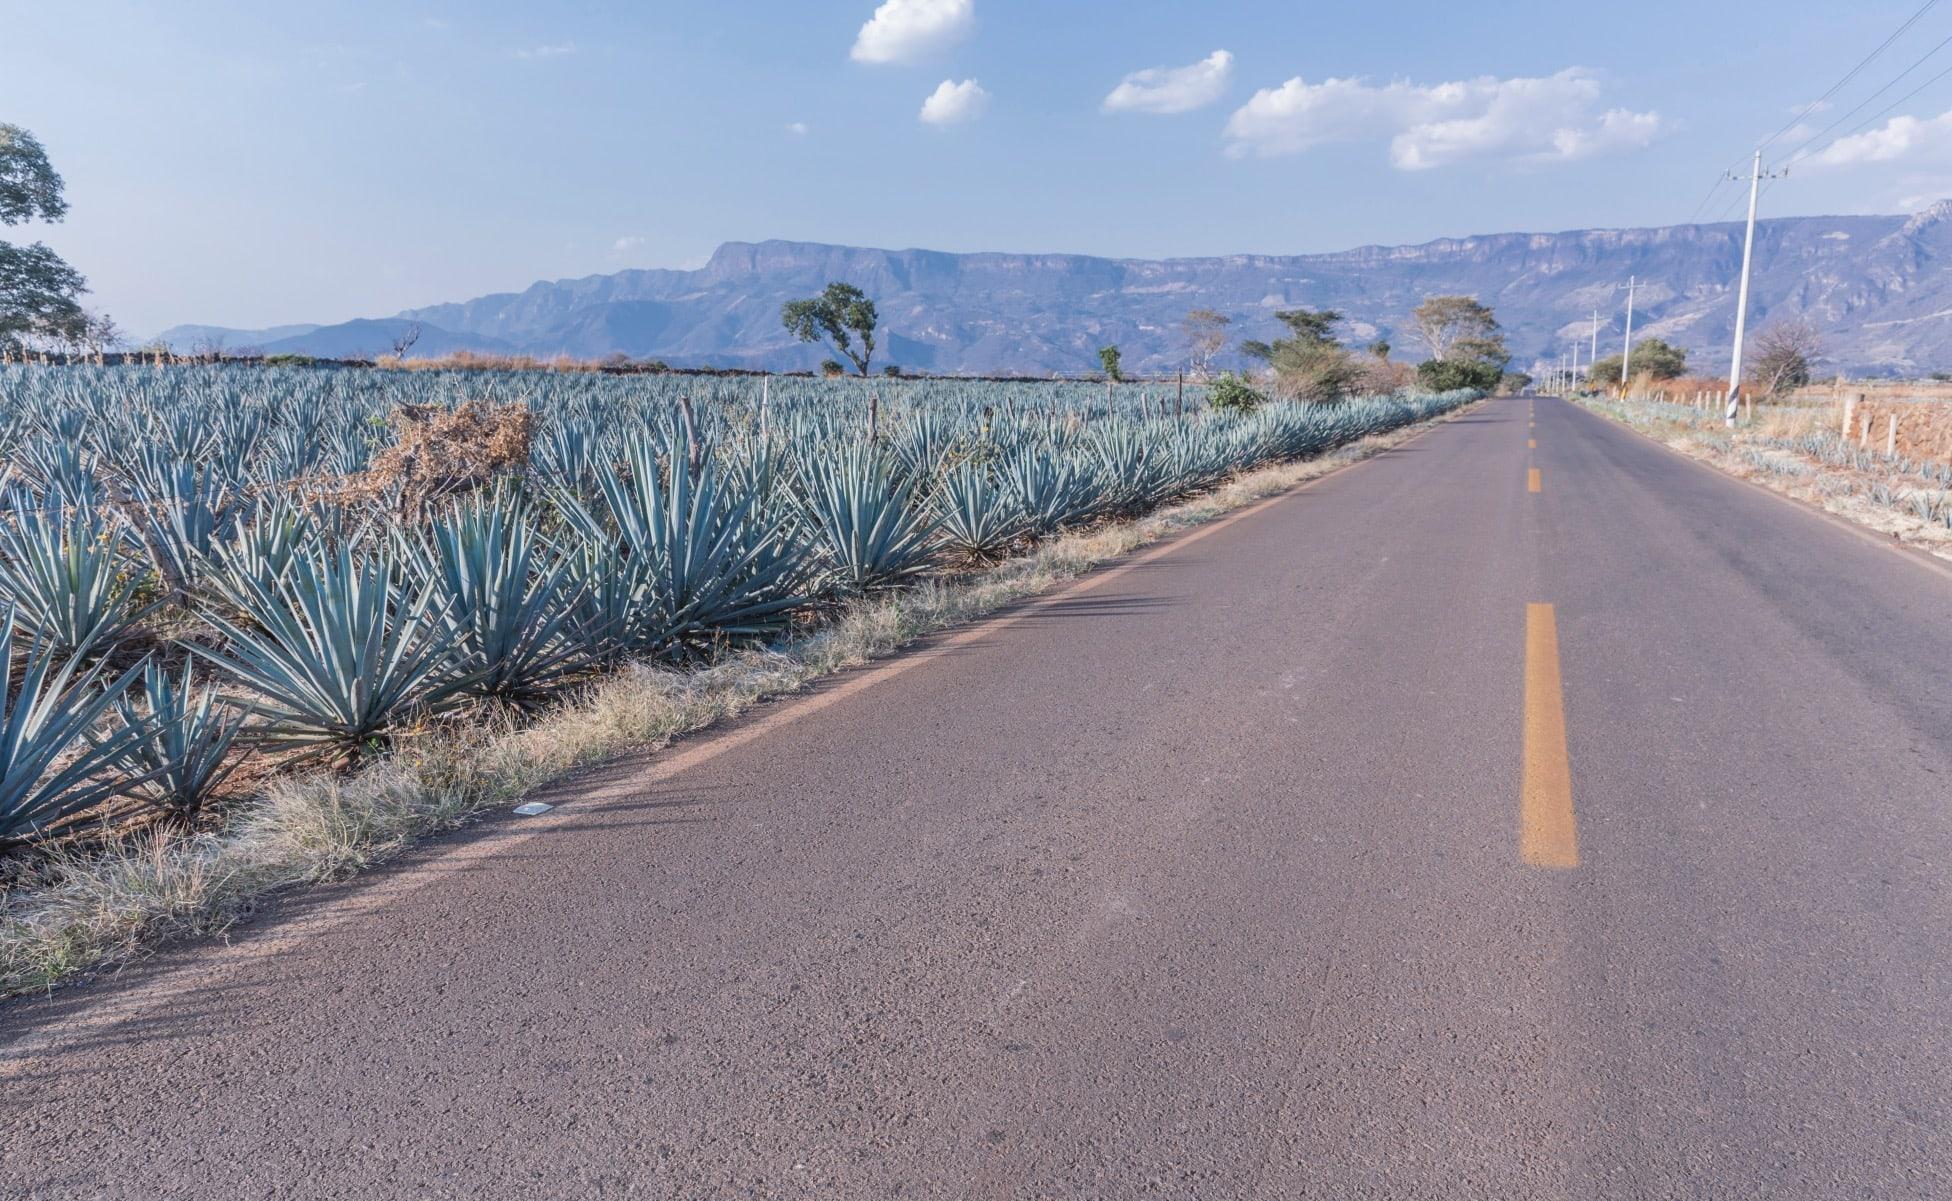 la ruta de tequila en coche